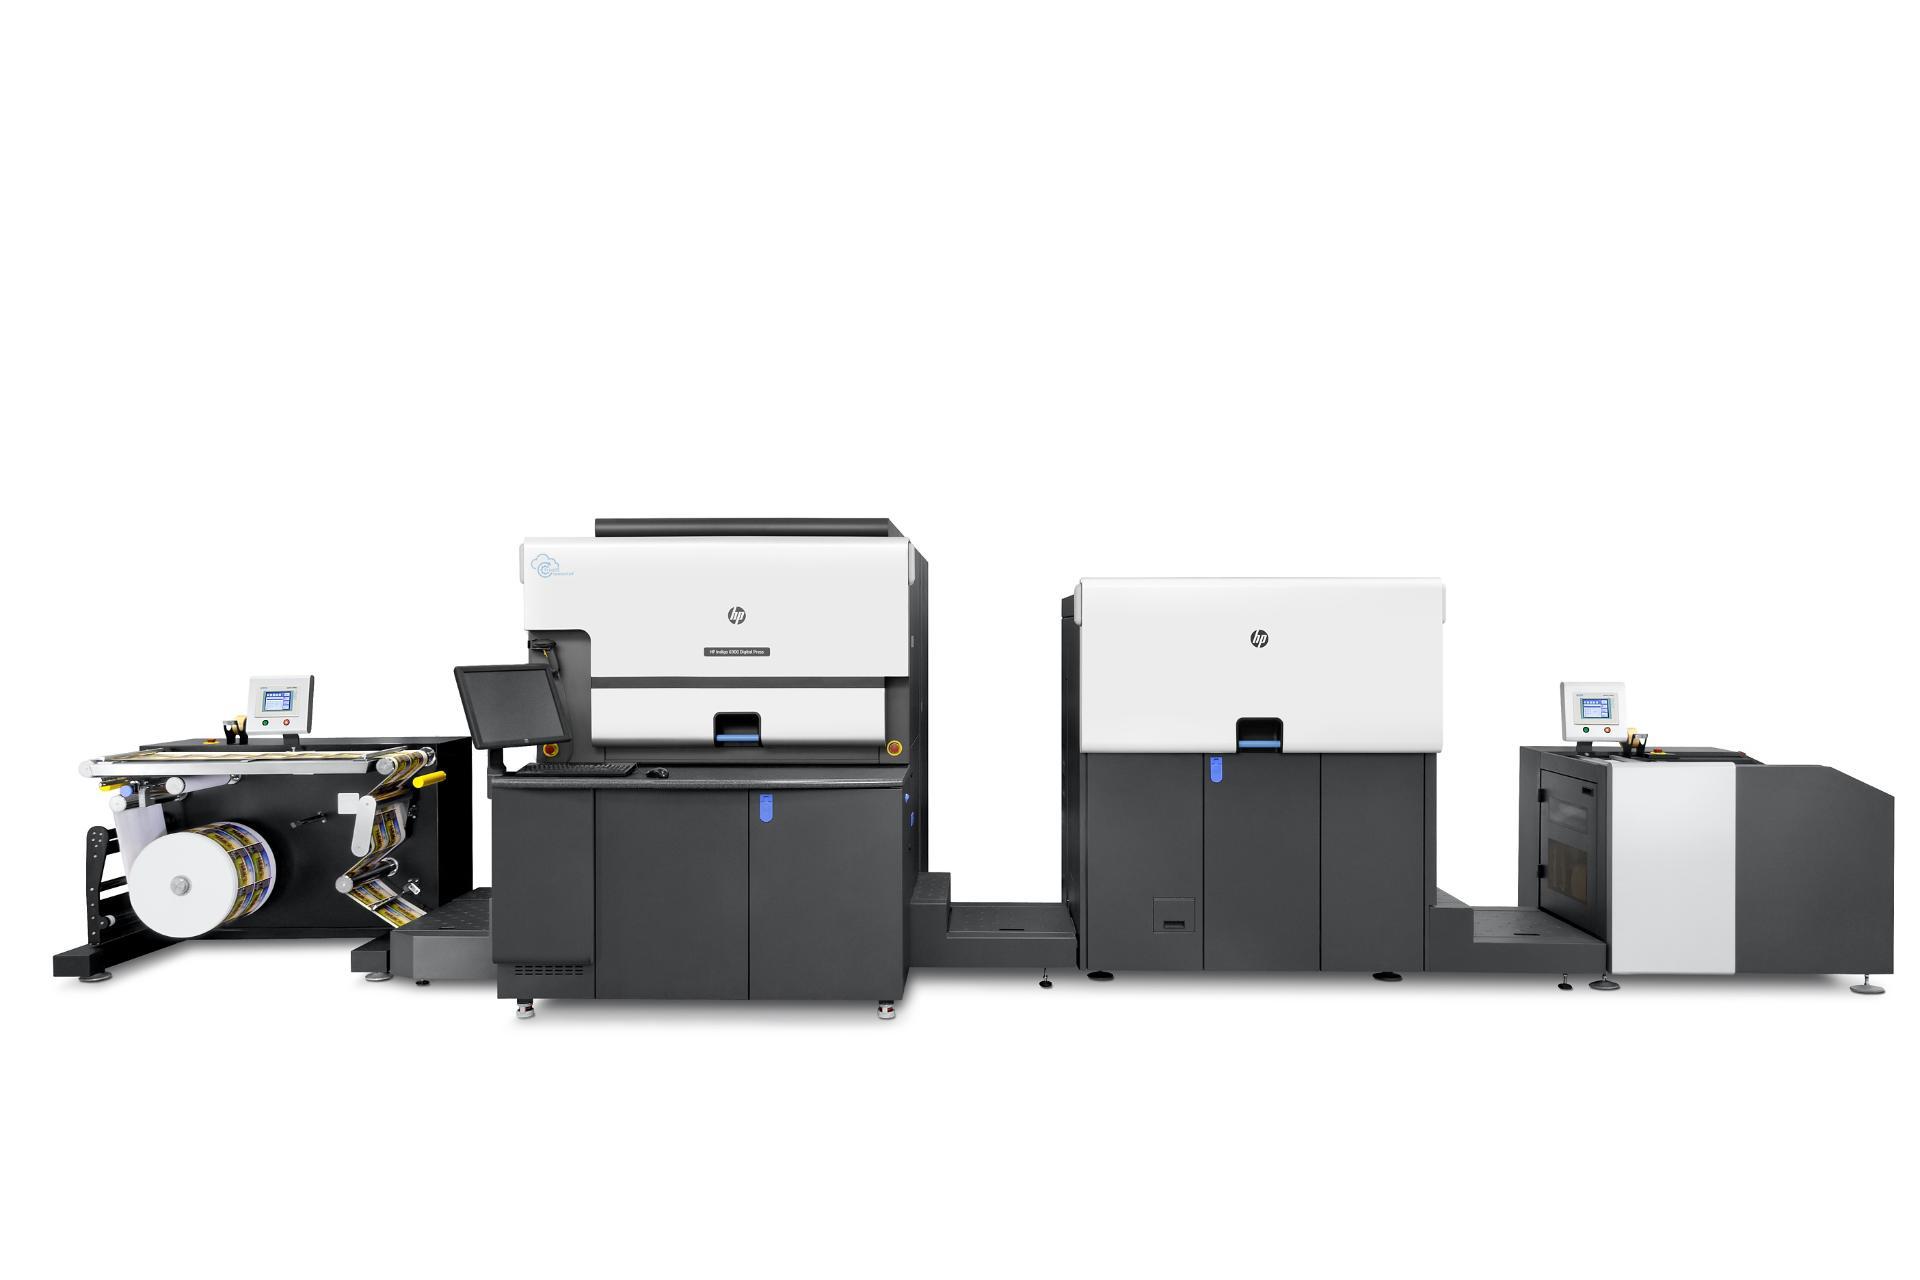 Fort Dearborn купиха 5 печатни машини HP Indigo 20000 и 6900 за опаковки и етикети